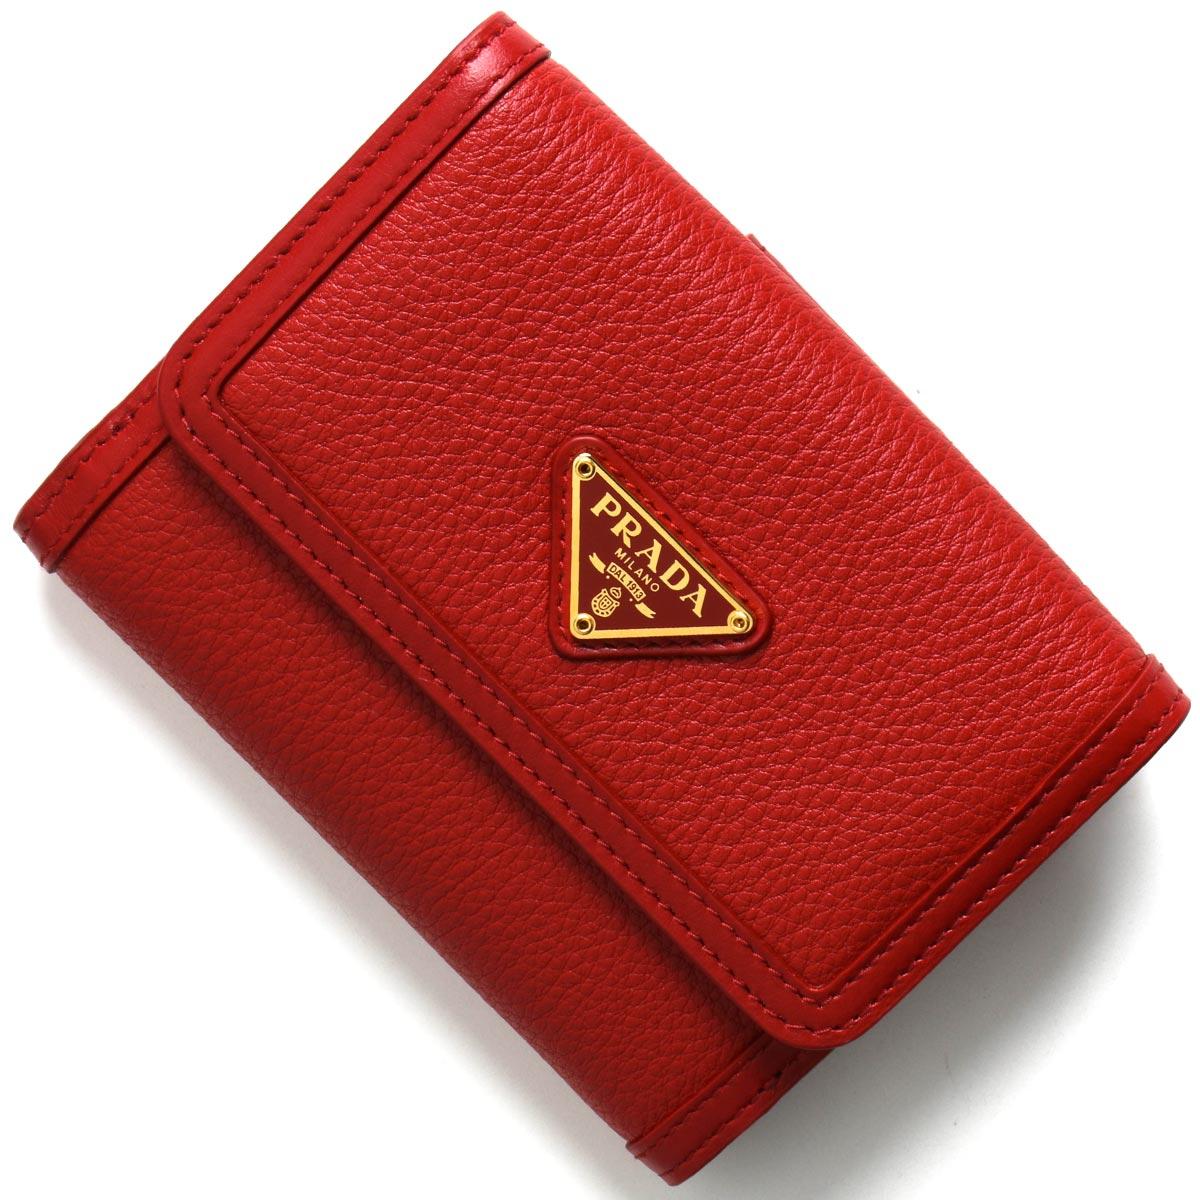 プラダ 二つ折り財布 財布 レディース ヴィッテロ フェニックス 三角ロゴプレート ロッソレッド 1MH523 2B16 F0011 PRADA